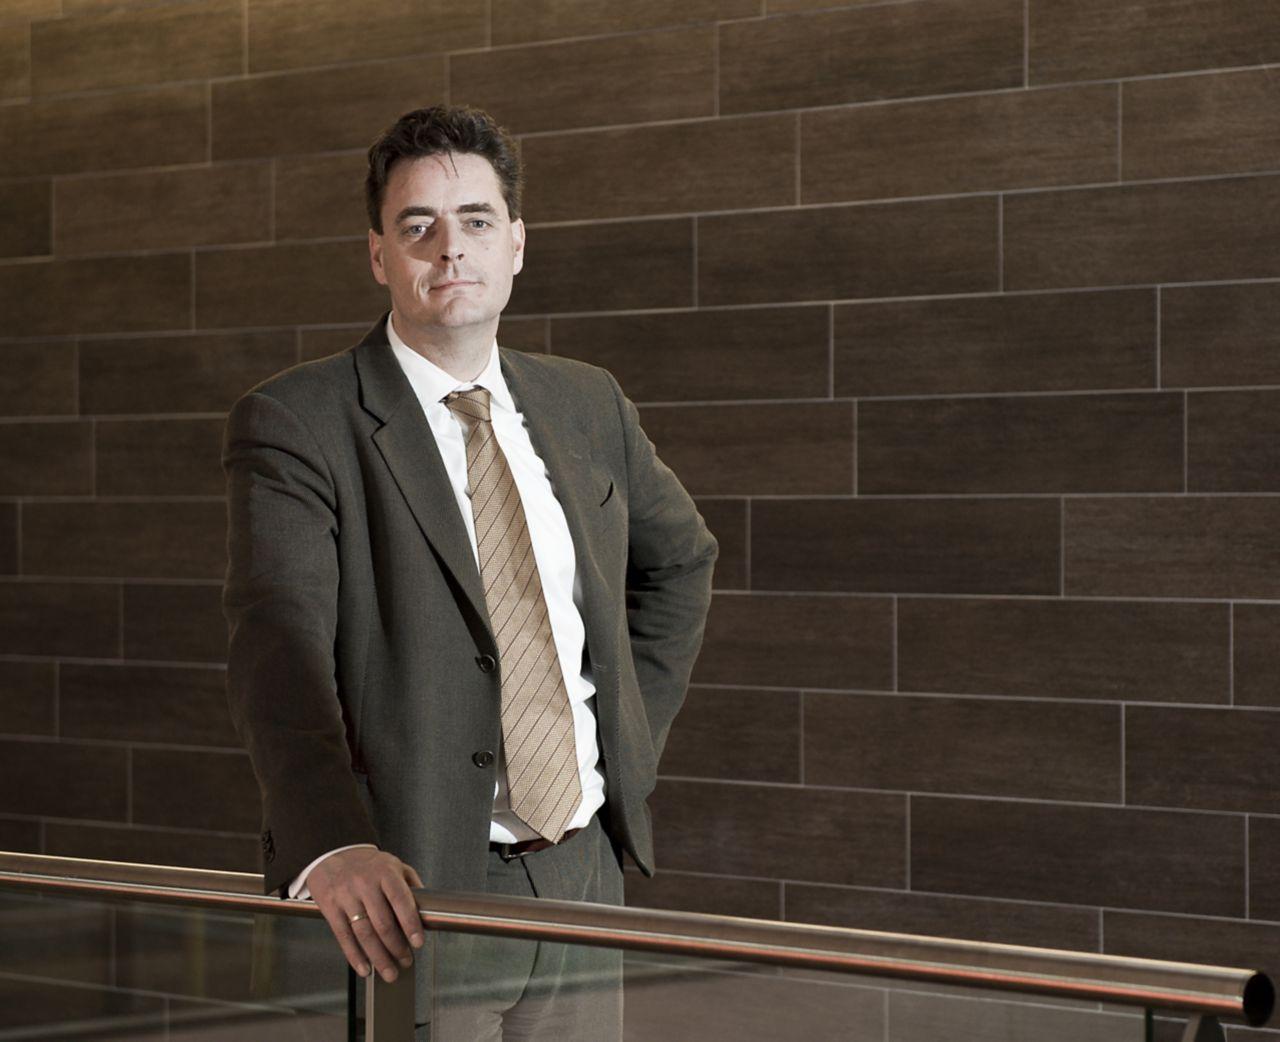 Sika Expert - Remo van der Wilt